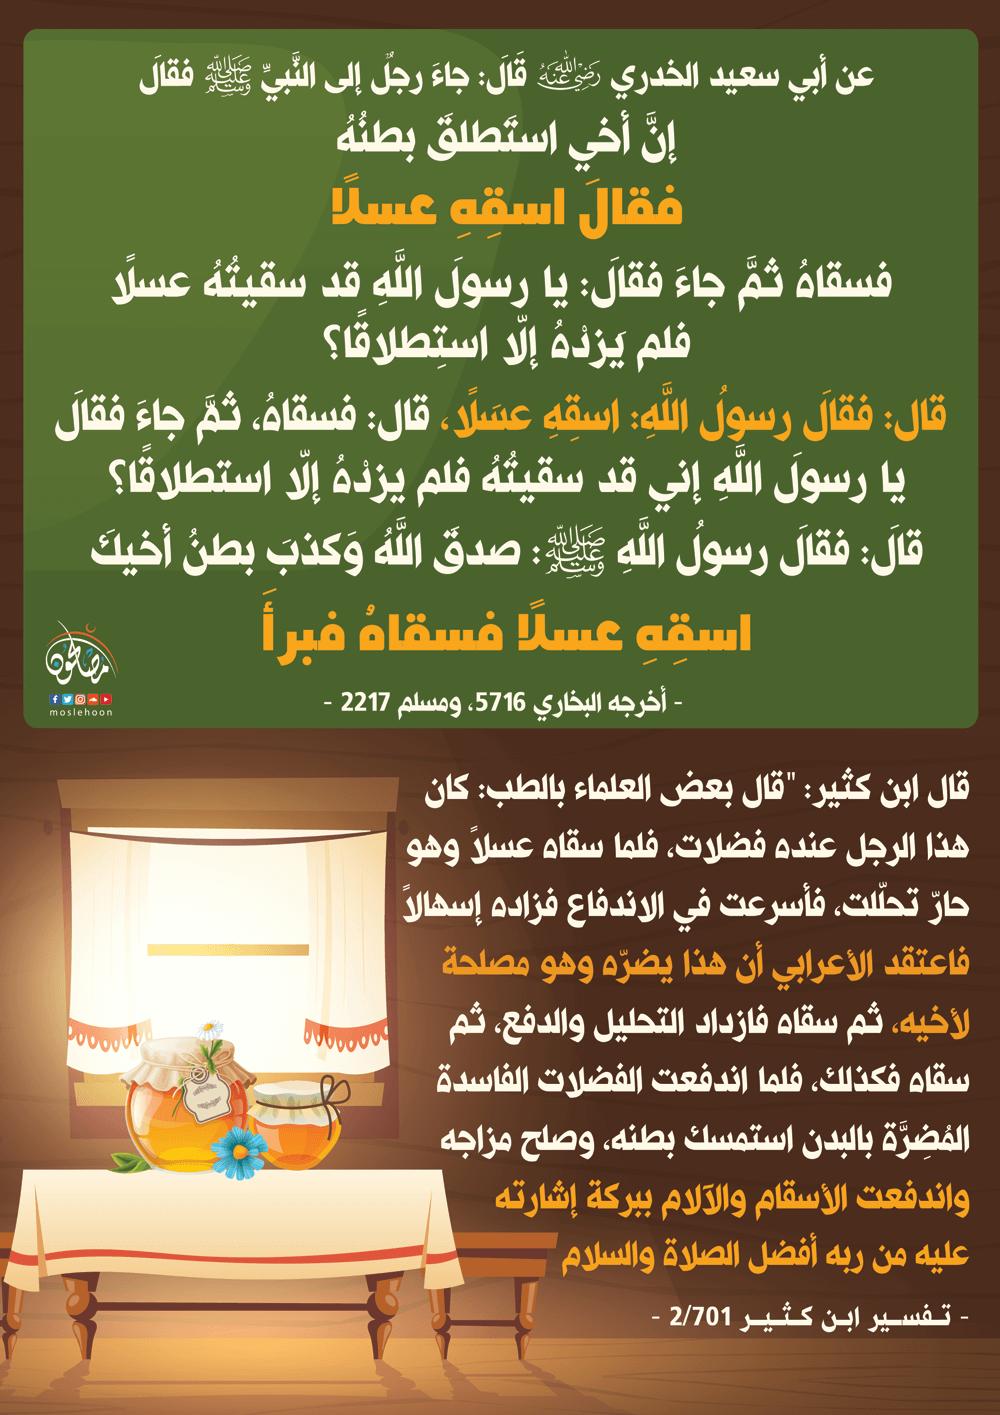 عسل النحل غذاء مبارك وشفاء